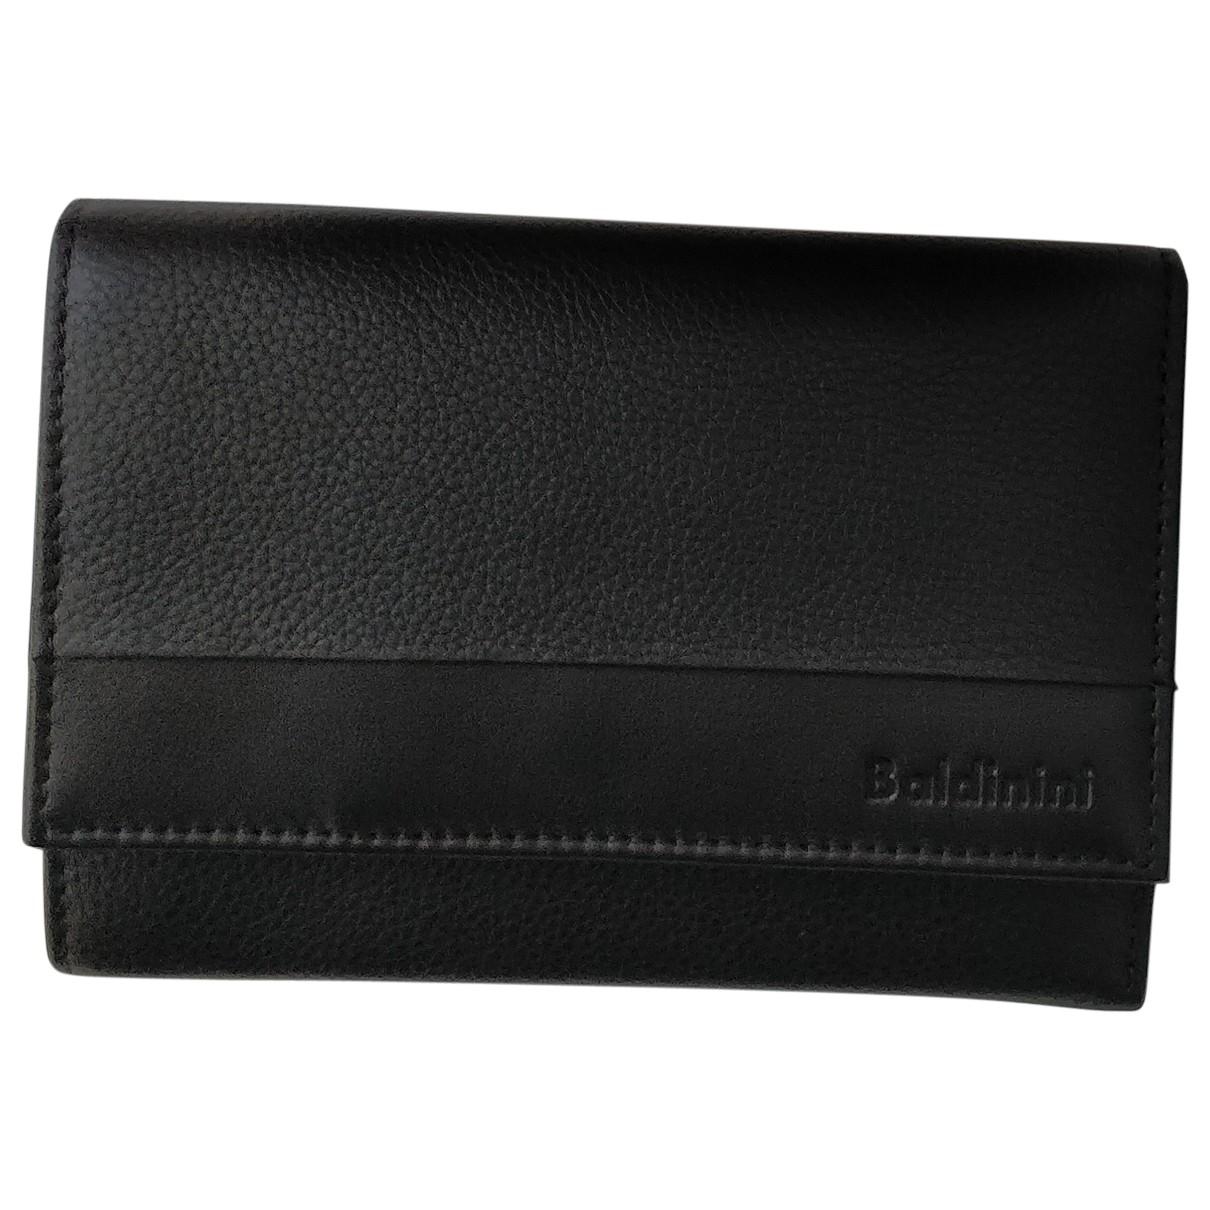 Baldinini \N Portemonnaie in  Schwarz Leder